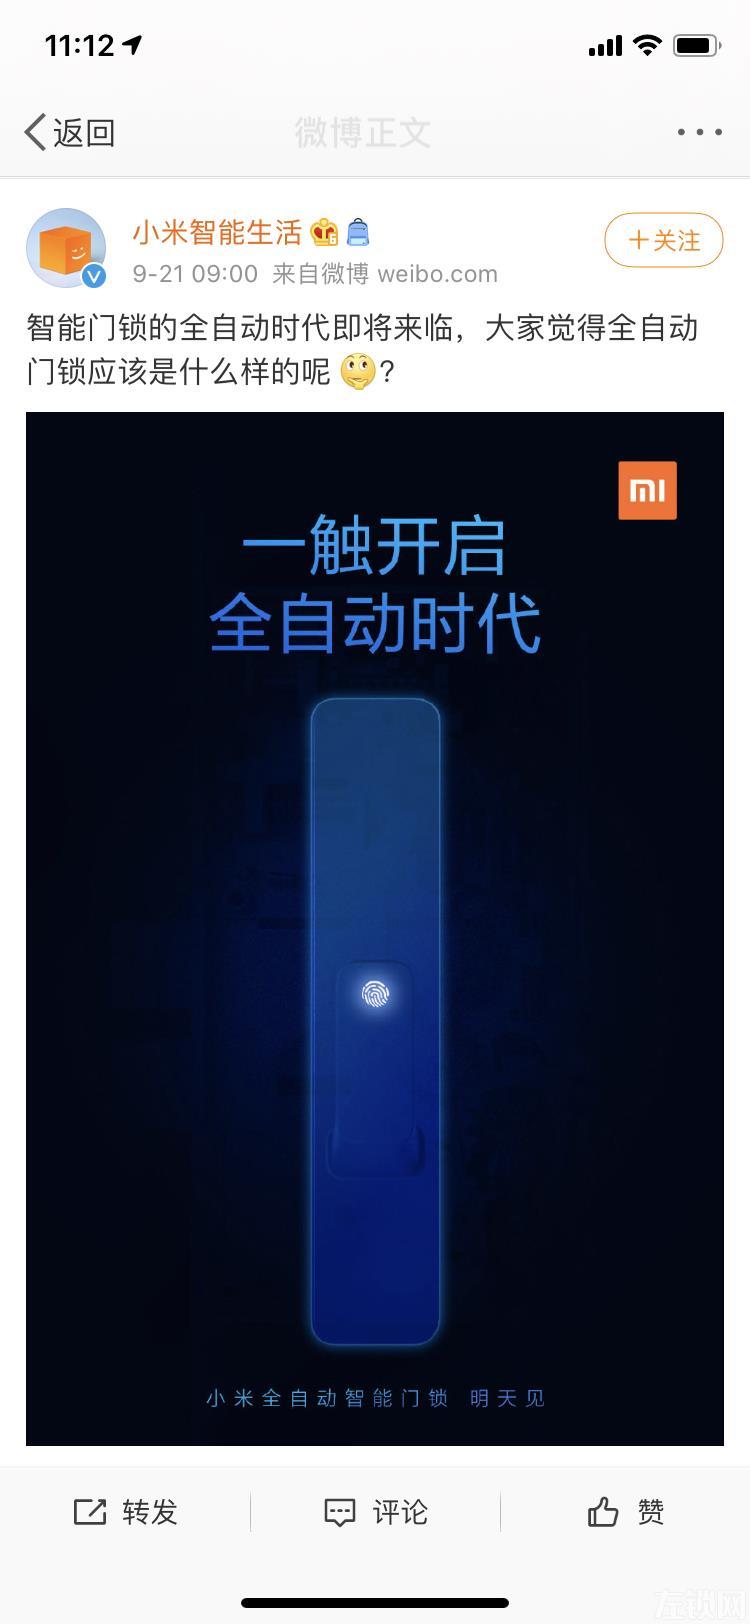 小米首款全自动智能门锁将在9月22日(明天)开启预售